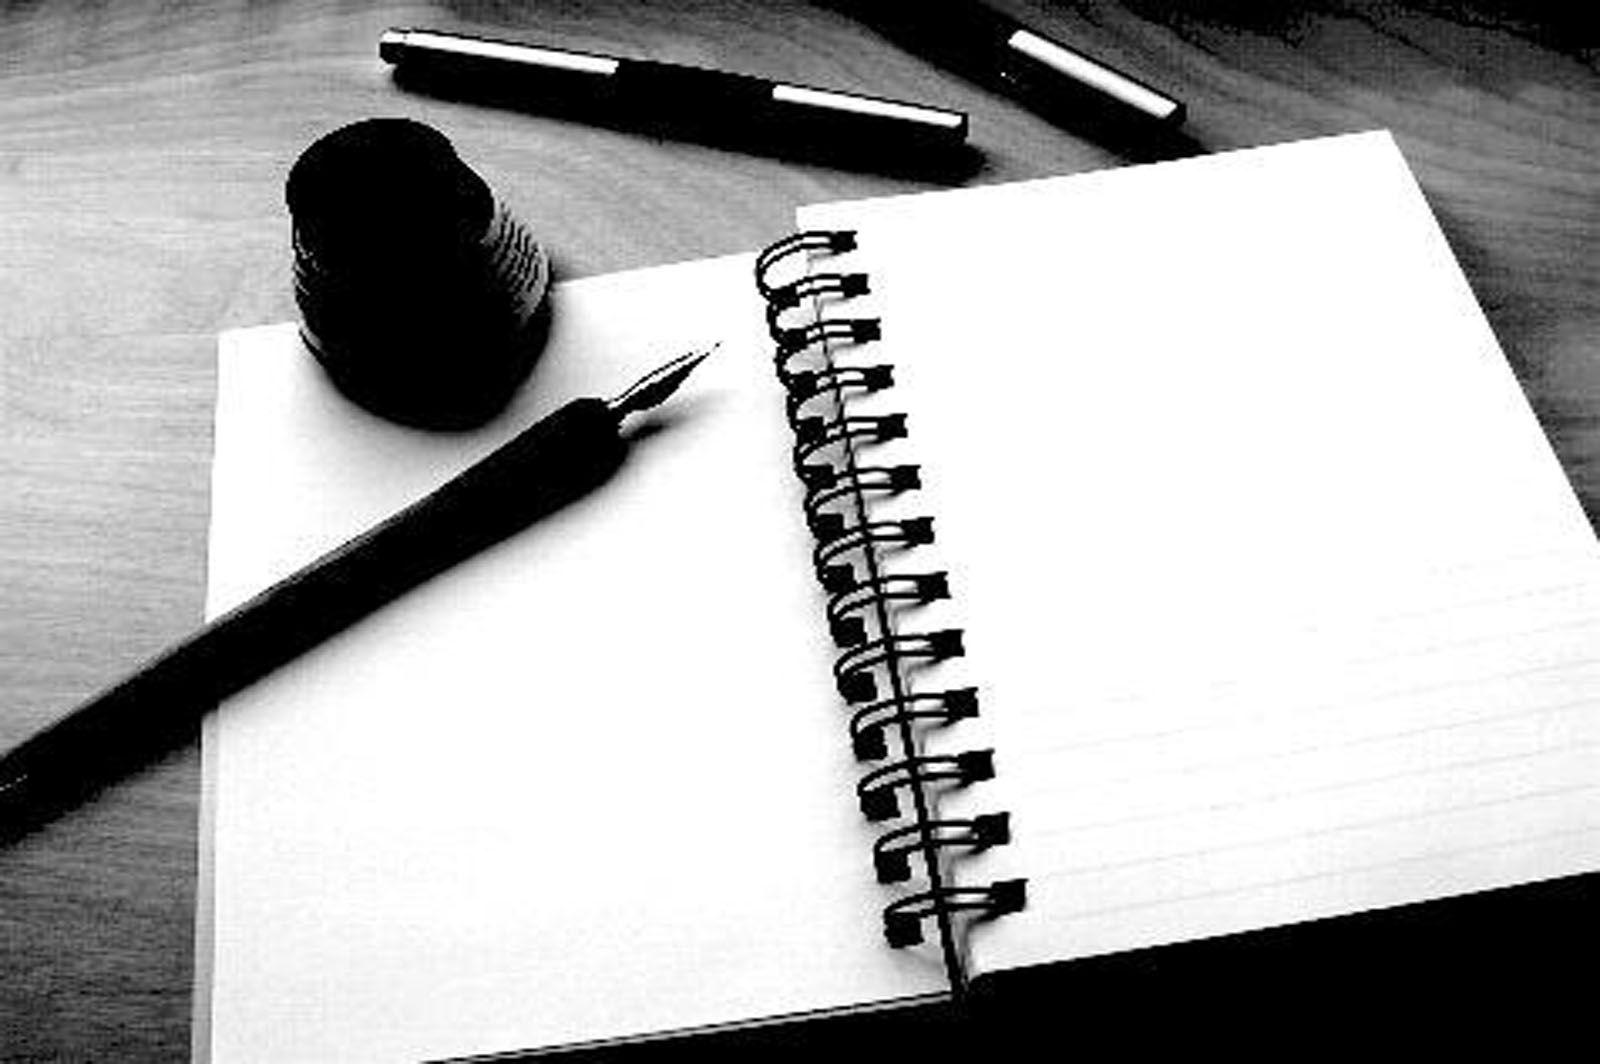 Qué escribir? | Antologia, Rastrillo y Huella